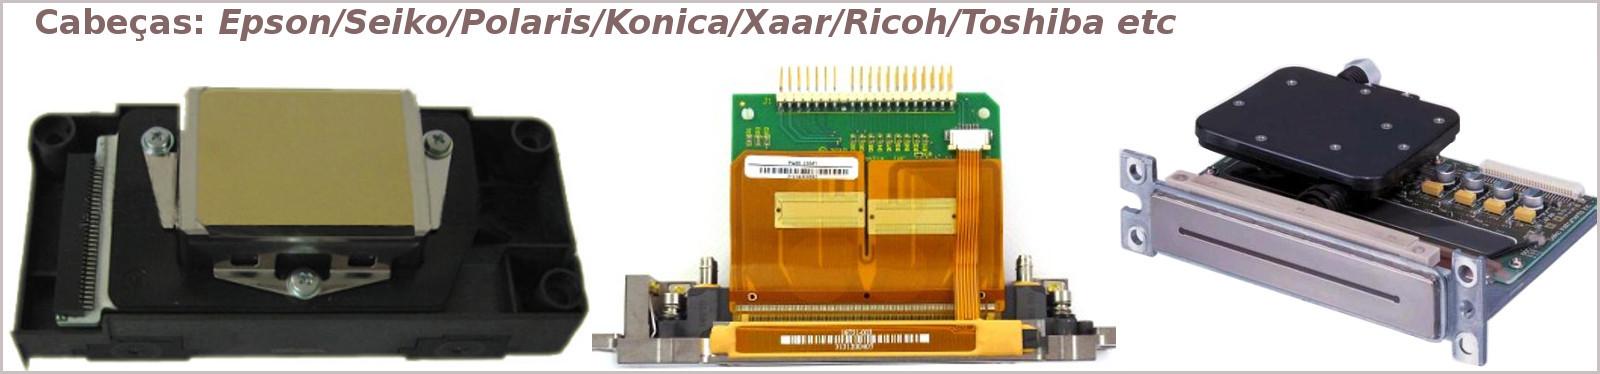 Cabeça de impressão como Seiko,Xaar,Konica Minolta,Spectra,Ricoh,Epson etc